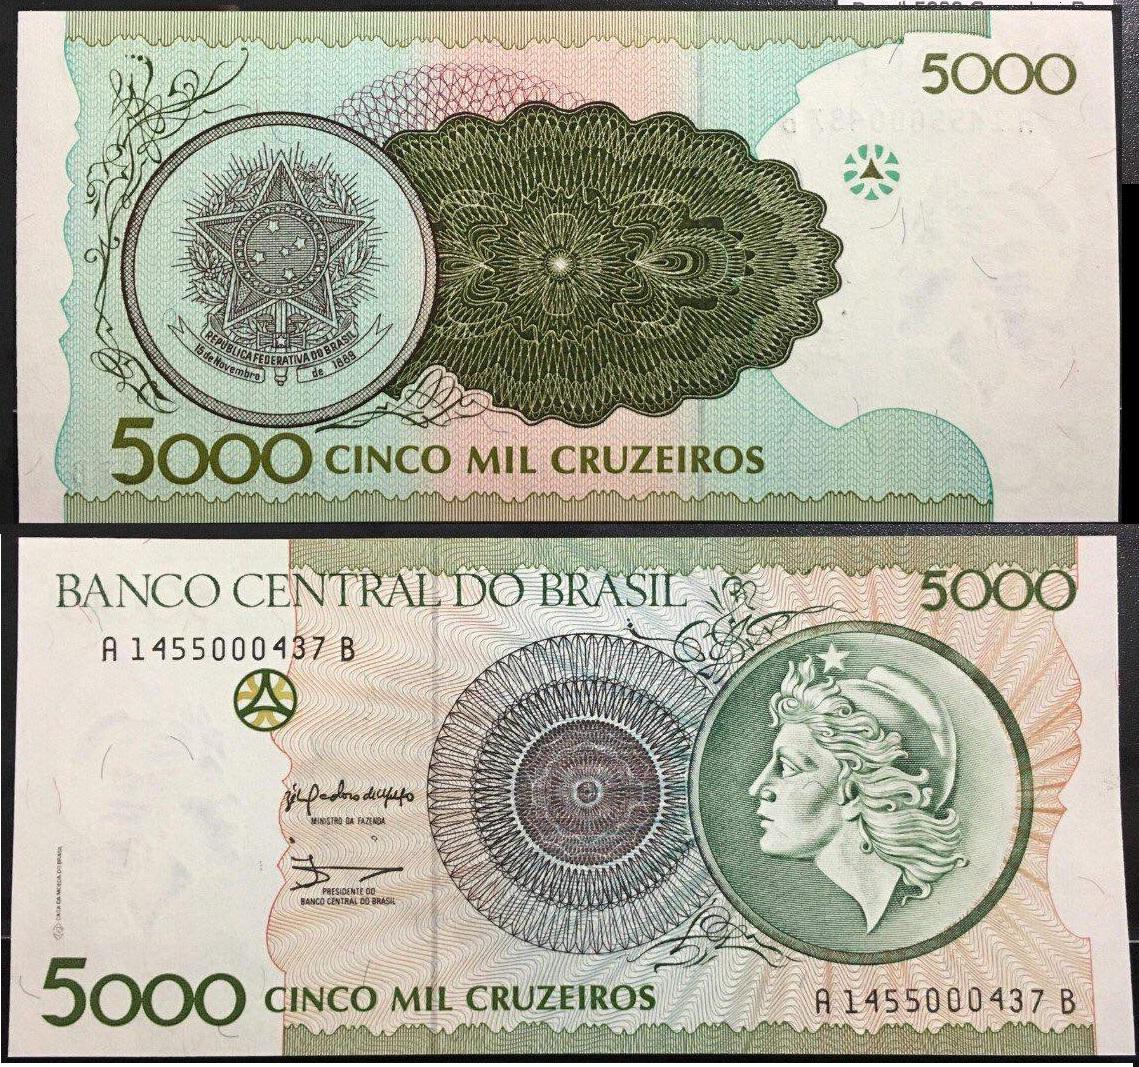 5000 Ria (real) Brazil (Brasil)